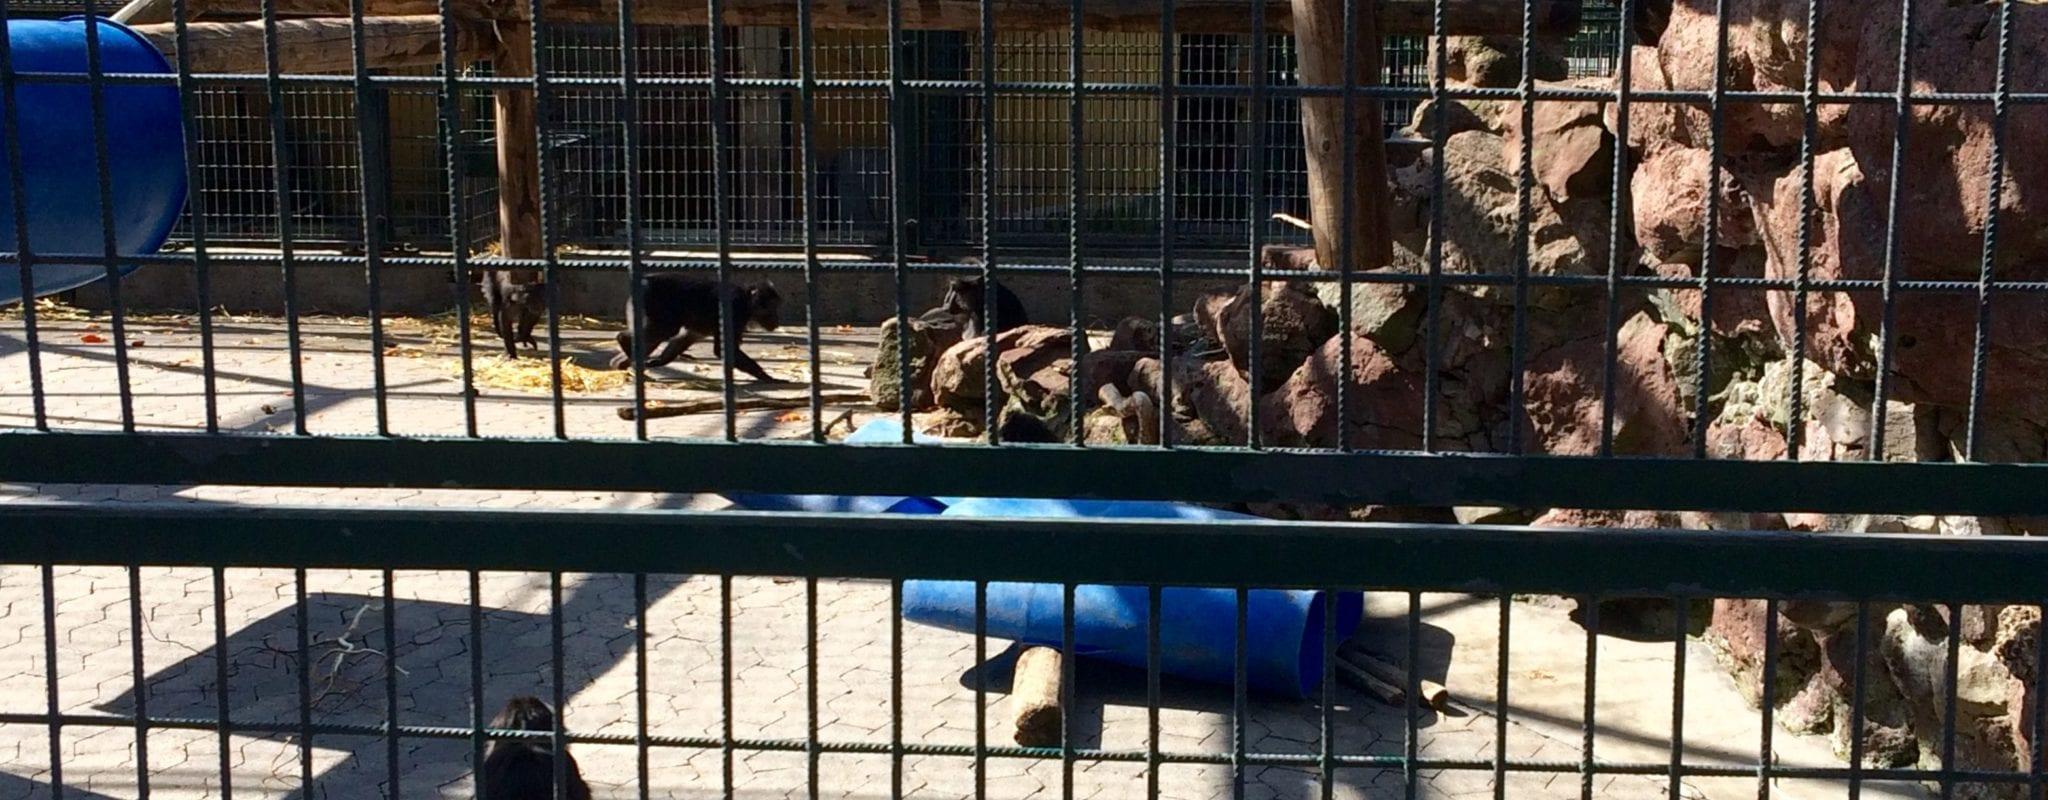 Au conseil municipal, l'avenir du zoo de l'Orangerie revient sur la table